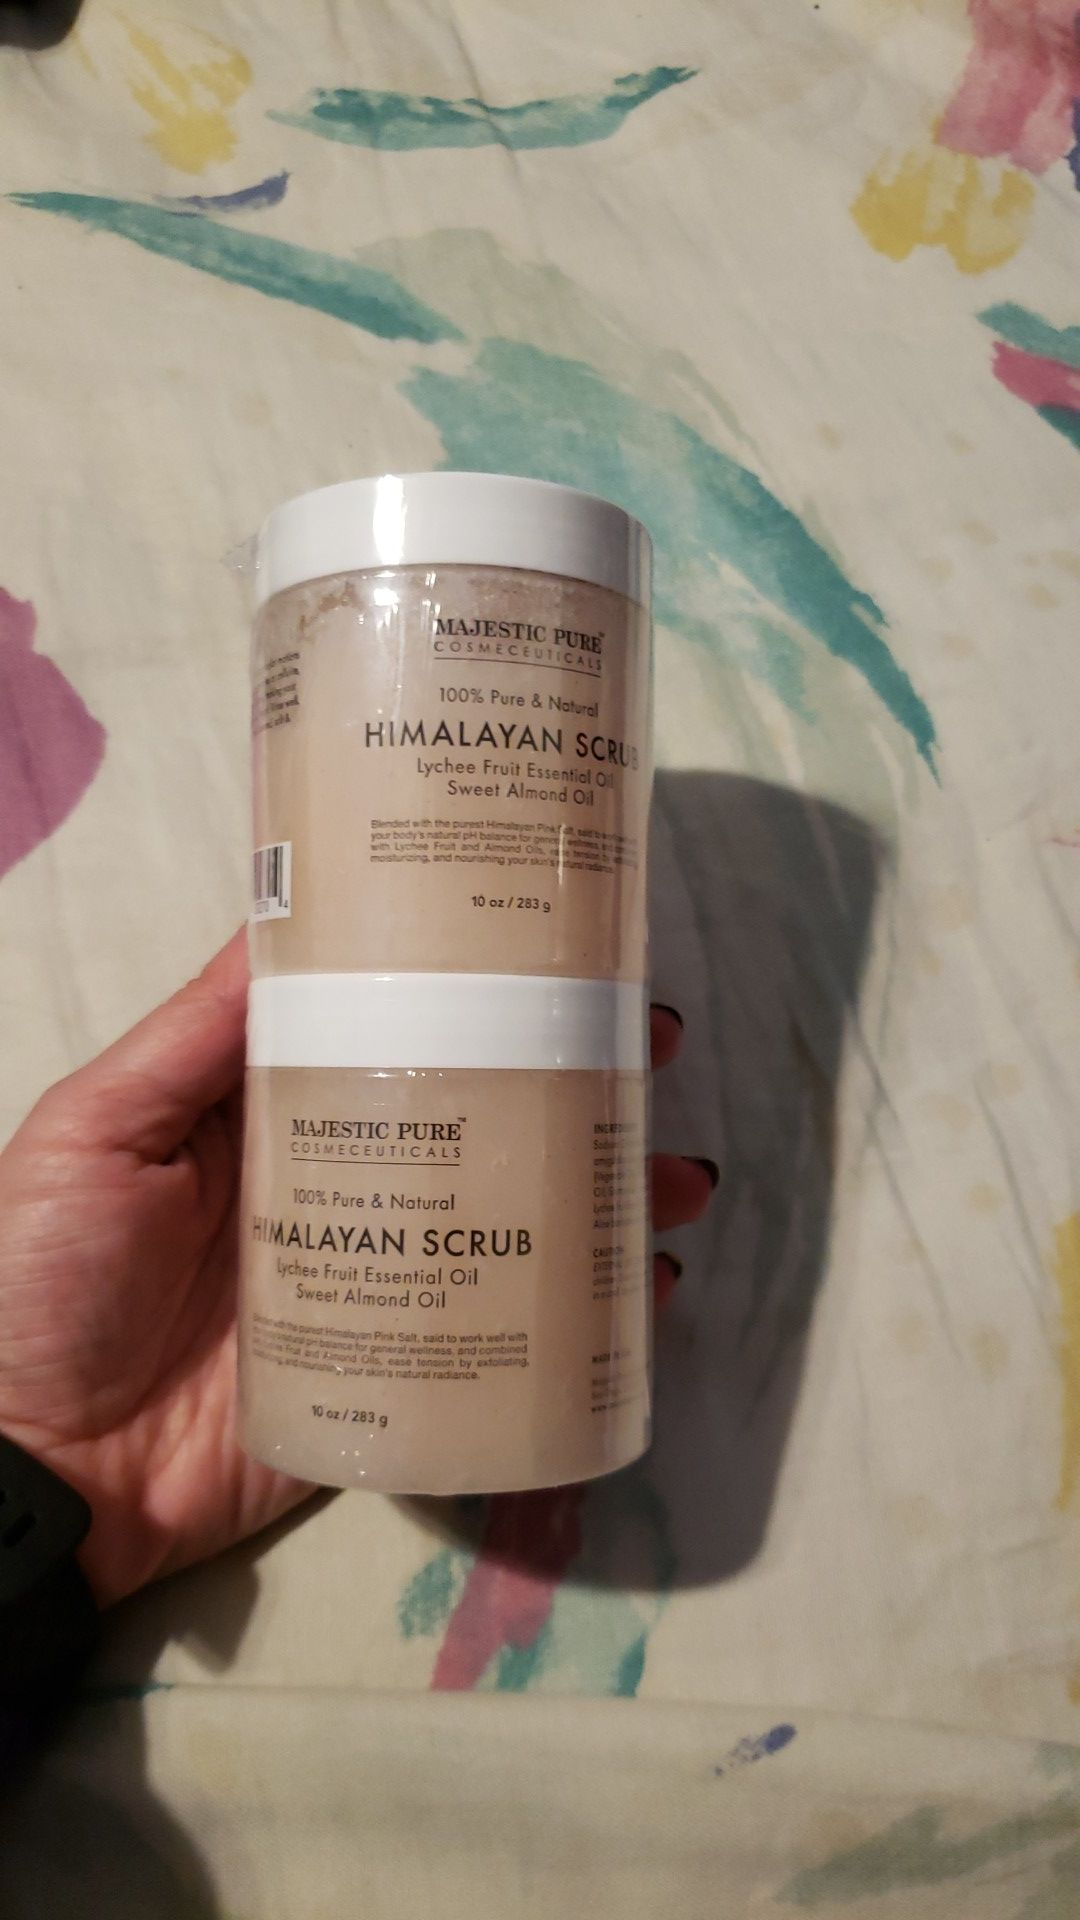 Himalayan scrub -2 pack